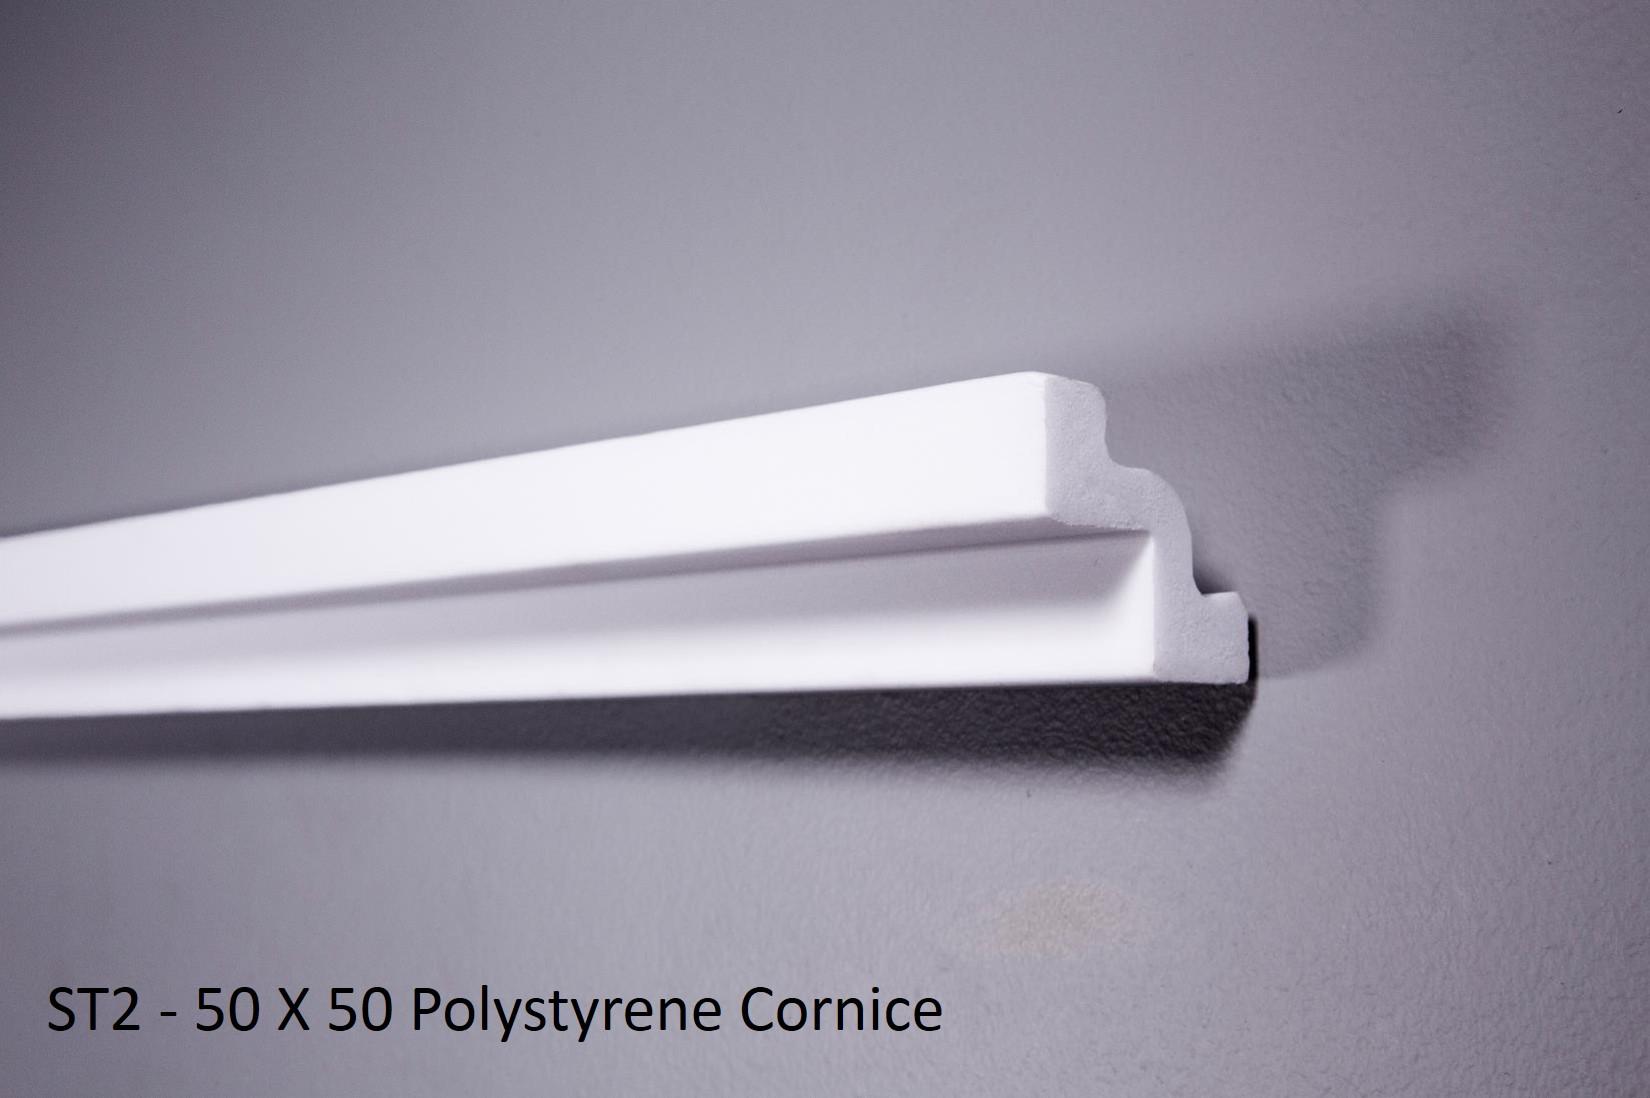 ST2 - 50 X 50 Polystyrene Cornice